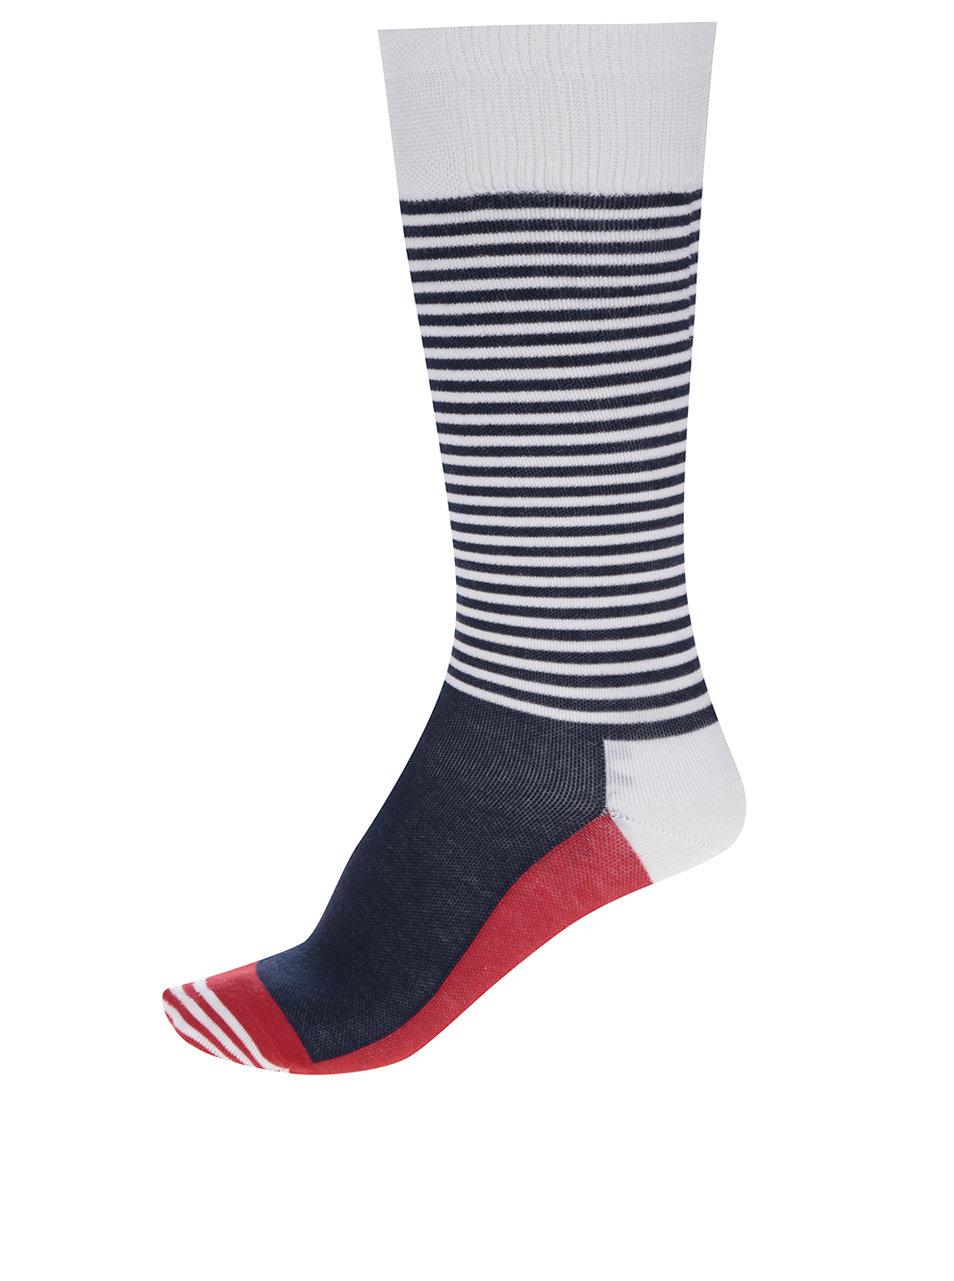 368205be7ac Bílo-modré unisex pruhované kompresní podkolenky Happy Socks Compression  Half Stripe ...